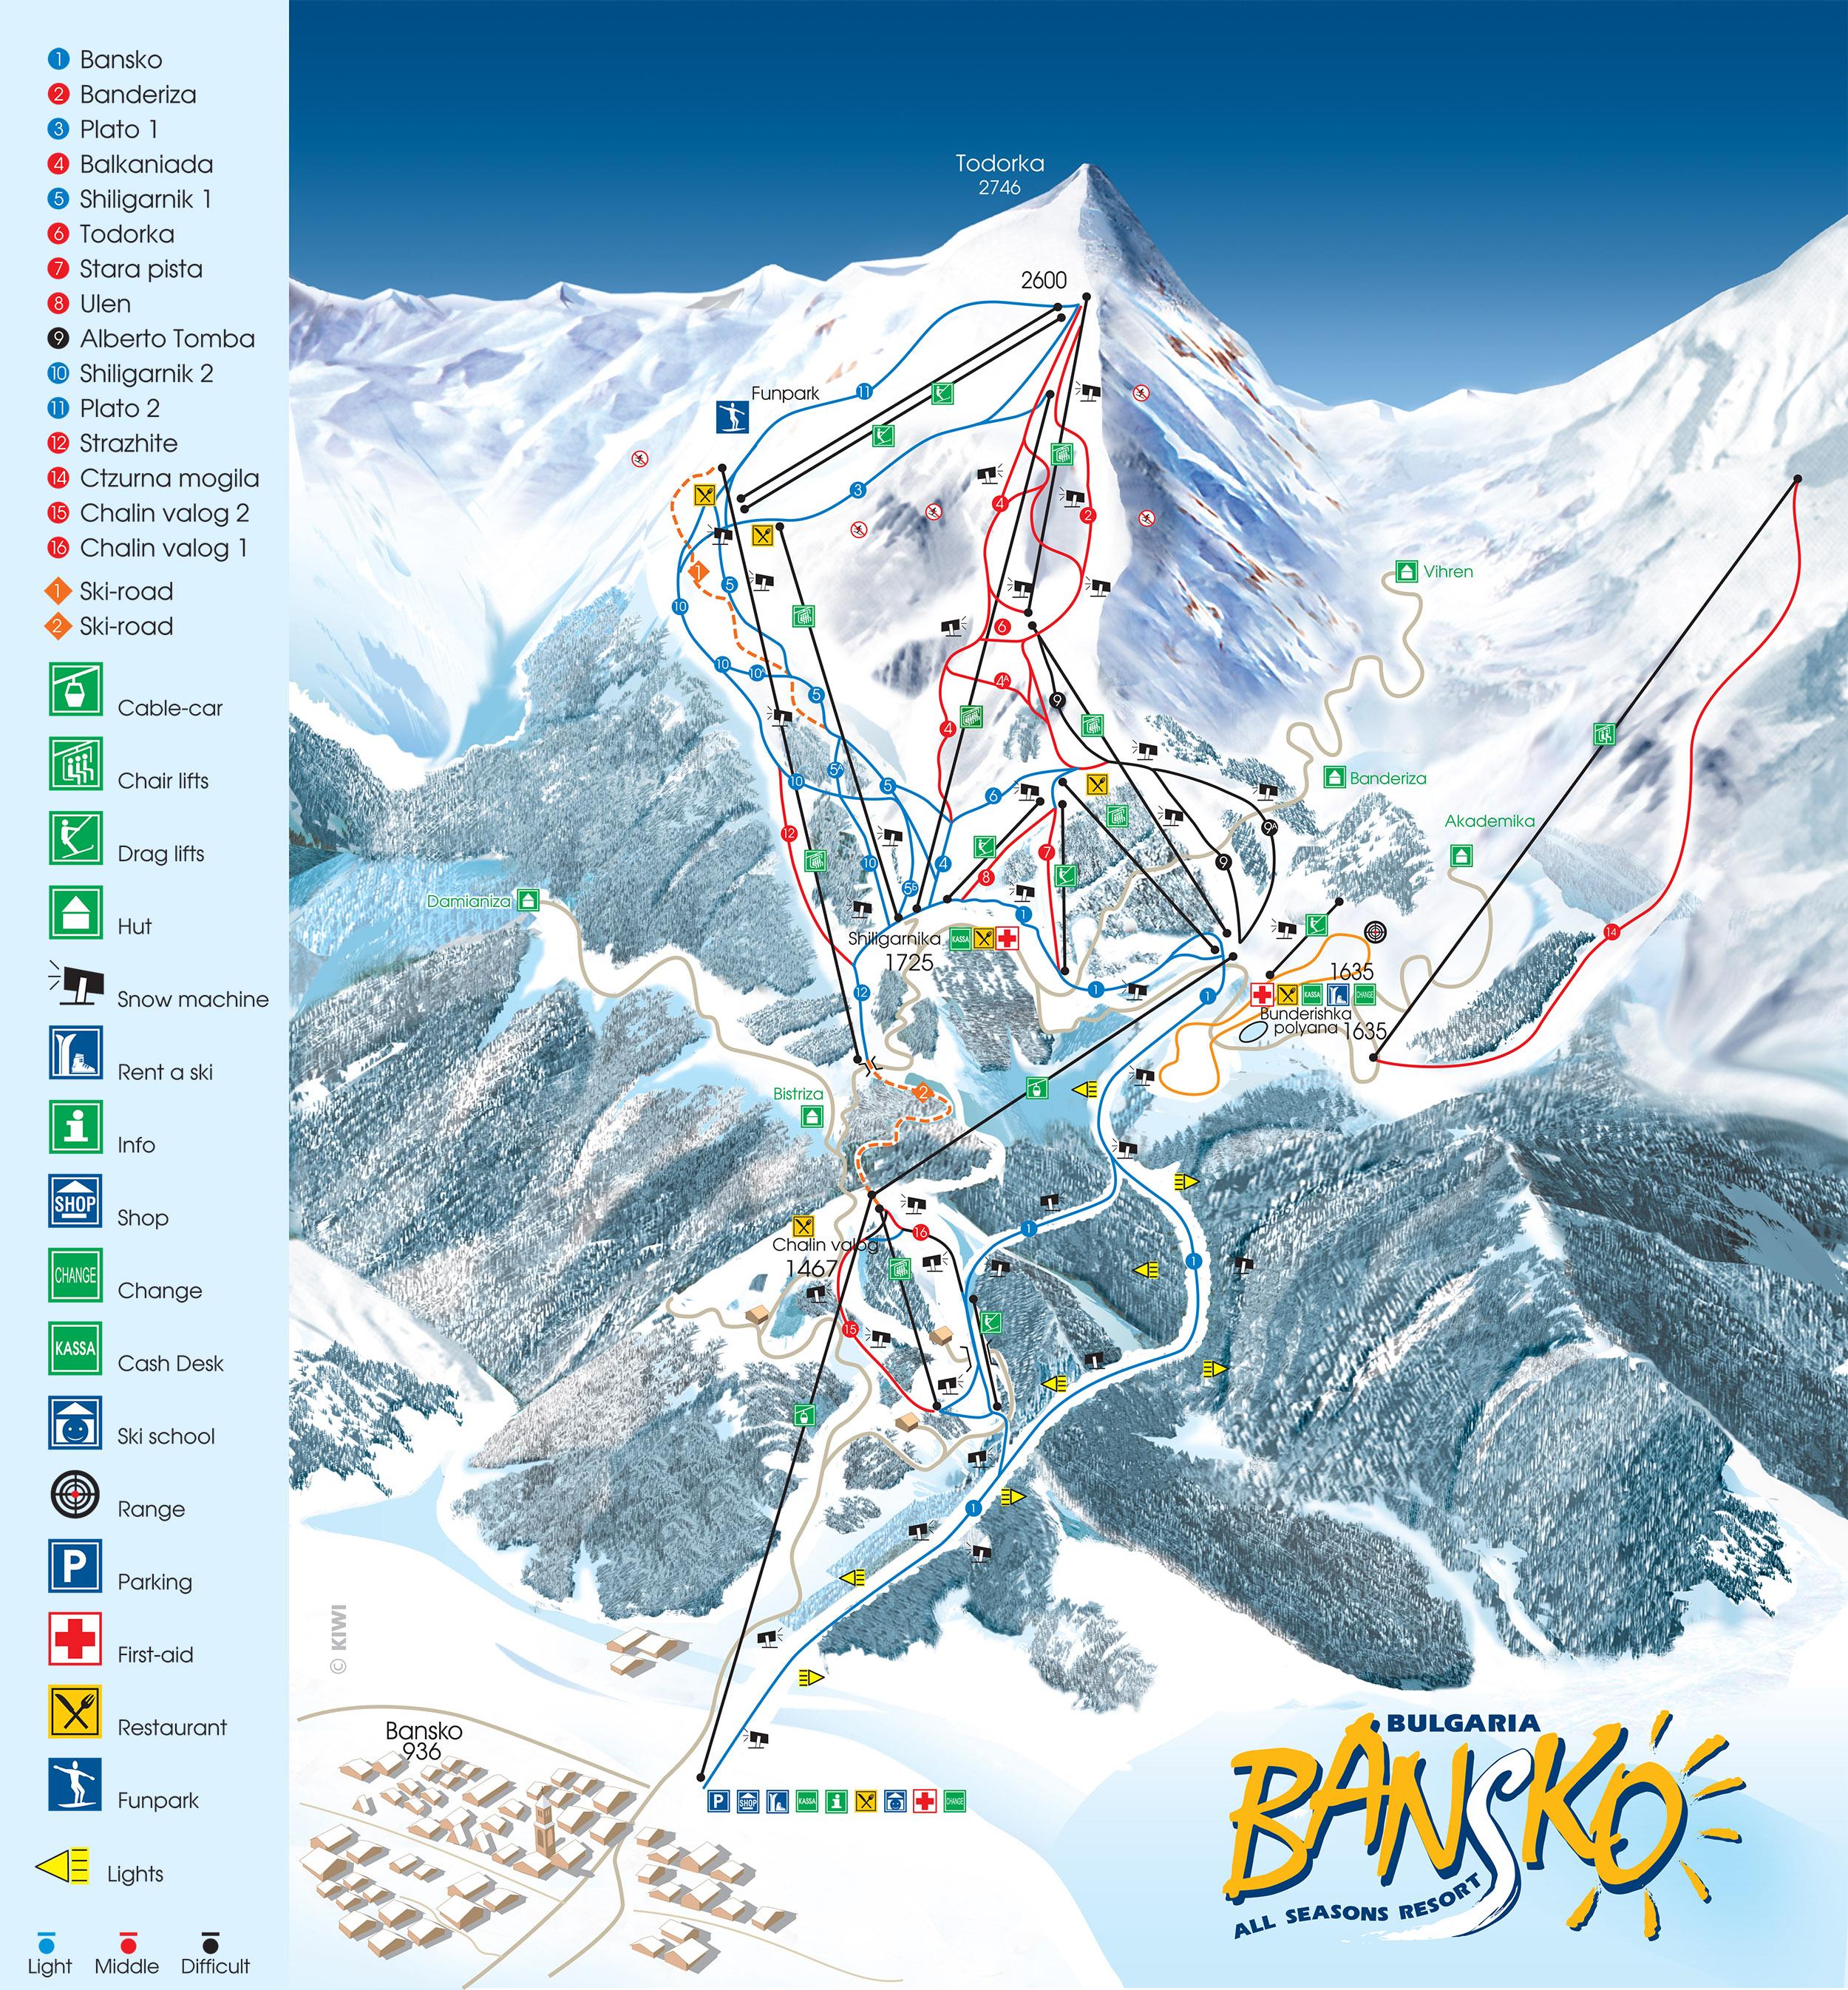 map of bansko ski slopes